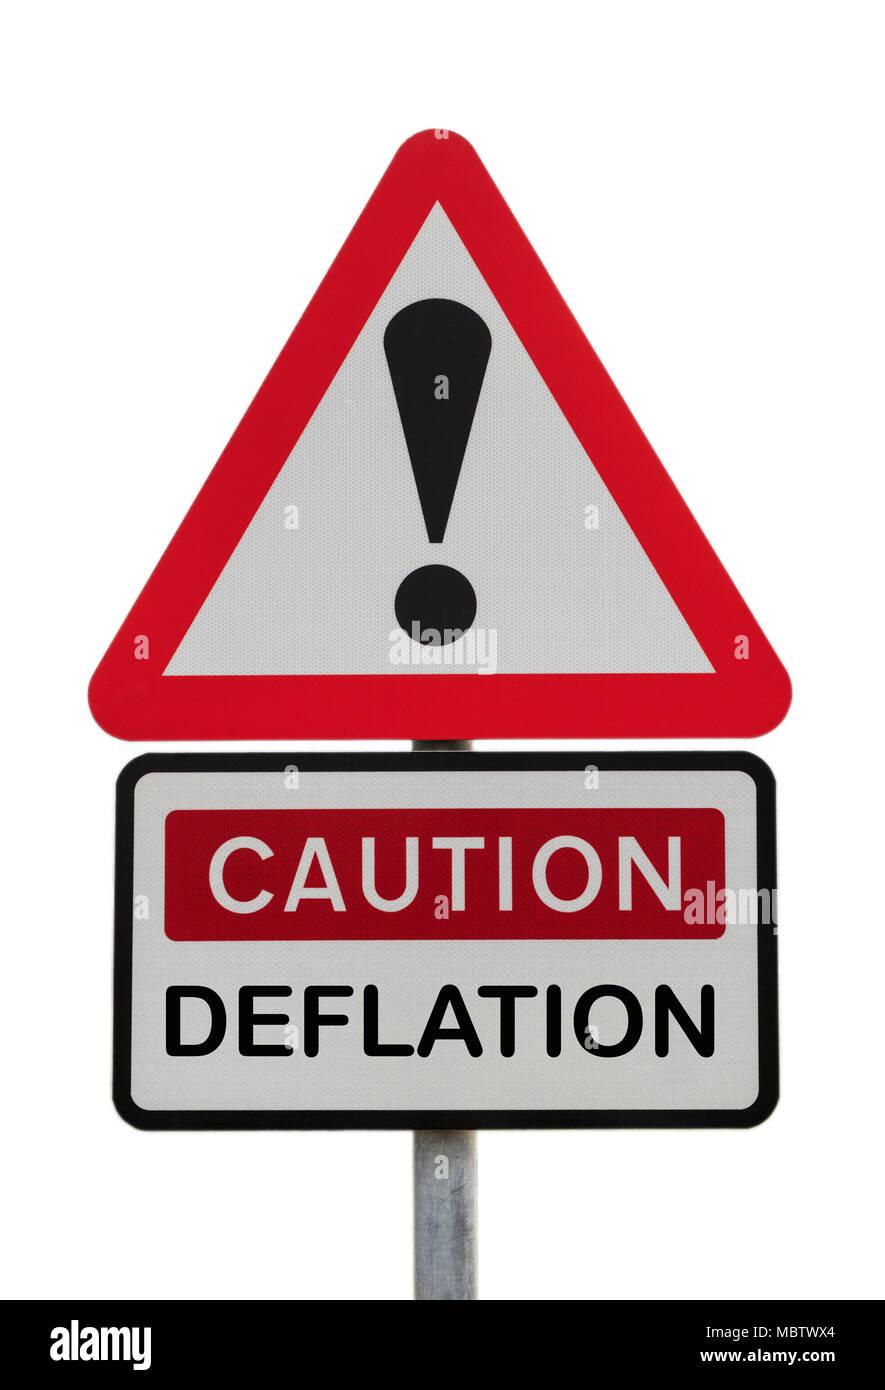 Segno triangolare avvertenza e attenzione la deflazione con un punto esclamativo per illustrare financial future concept. Regno Unito, Gran Bretagna, Europa Immagini Stock